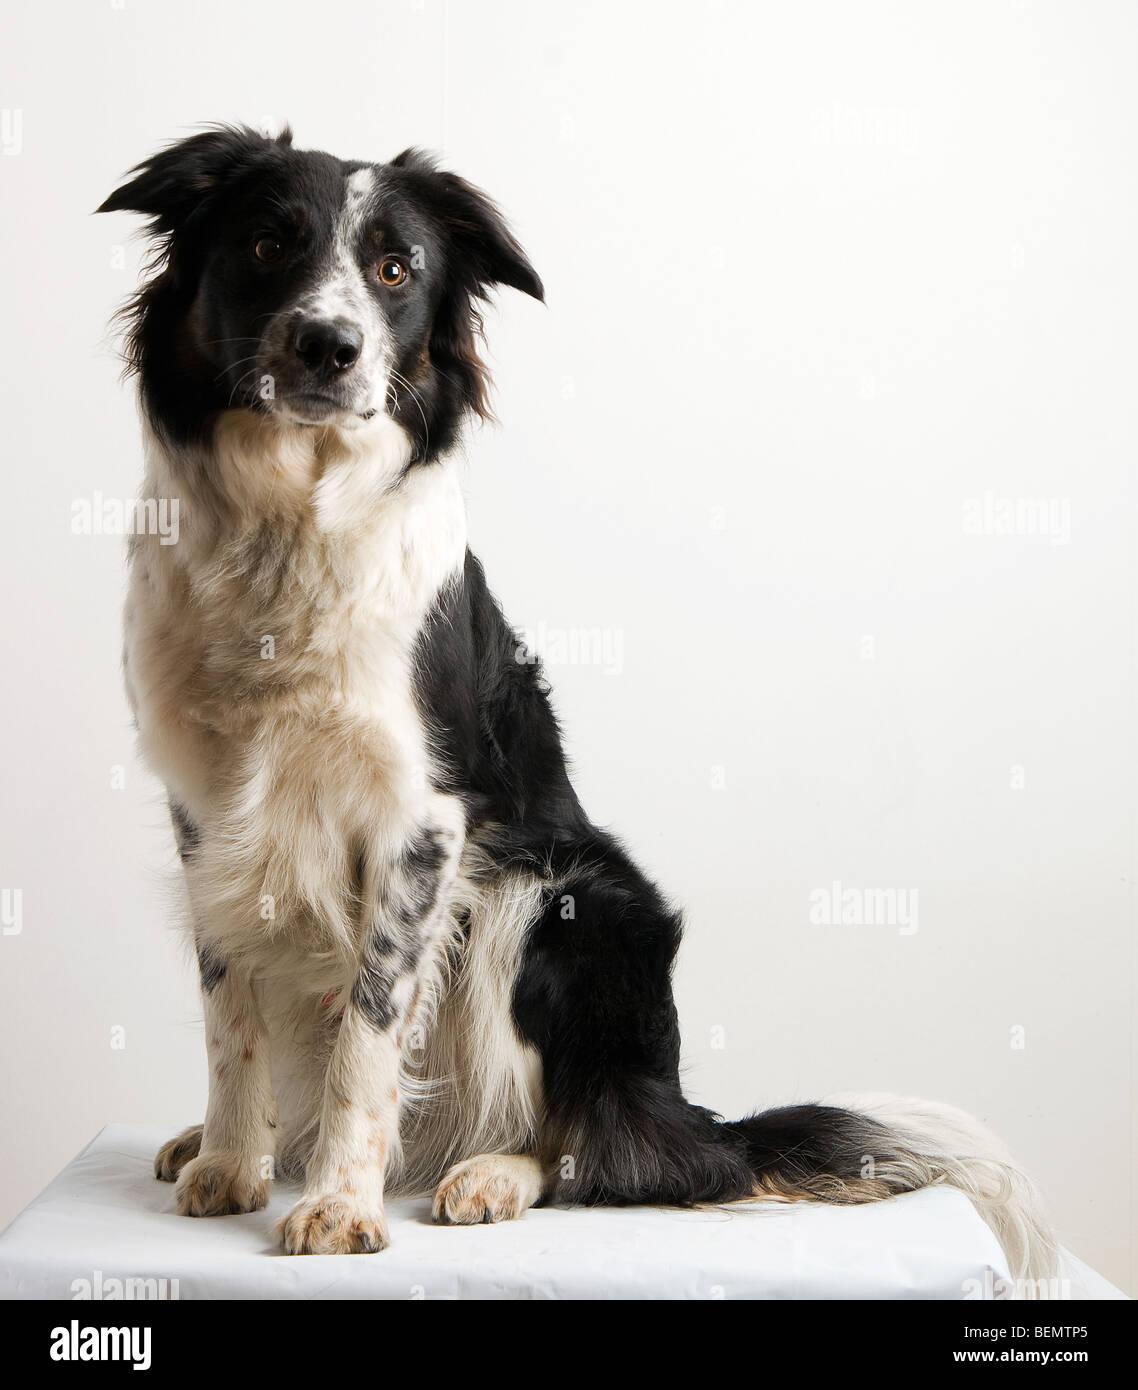 loyal companion - Stock Image